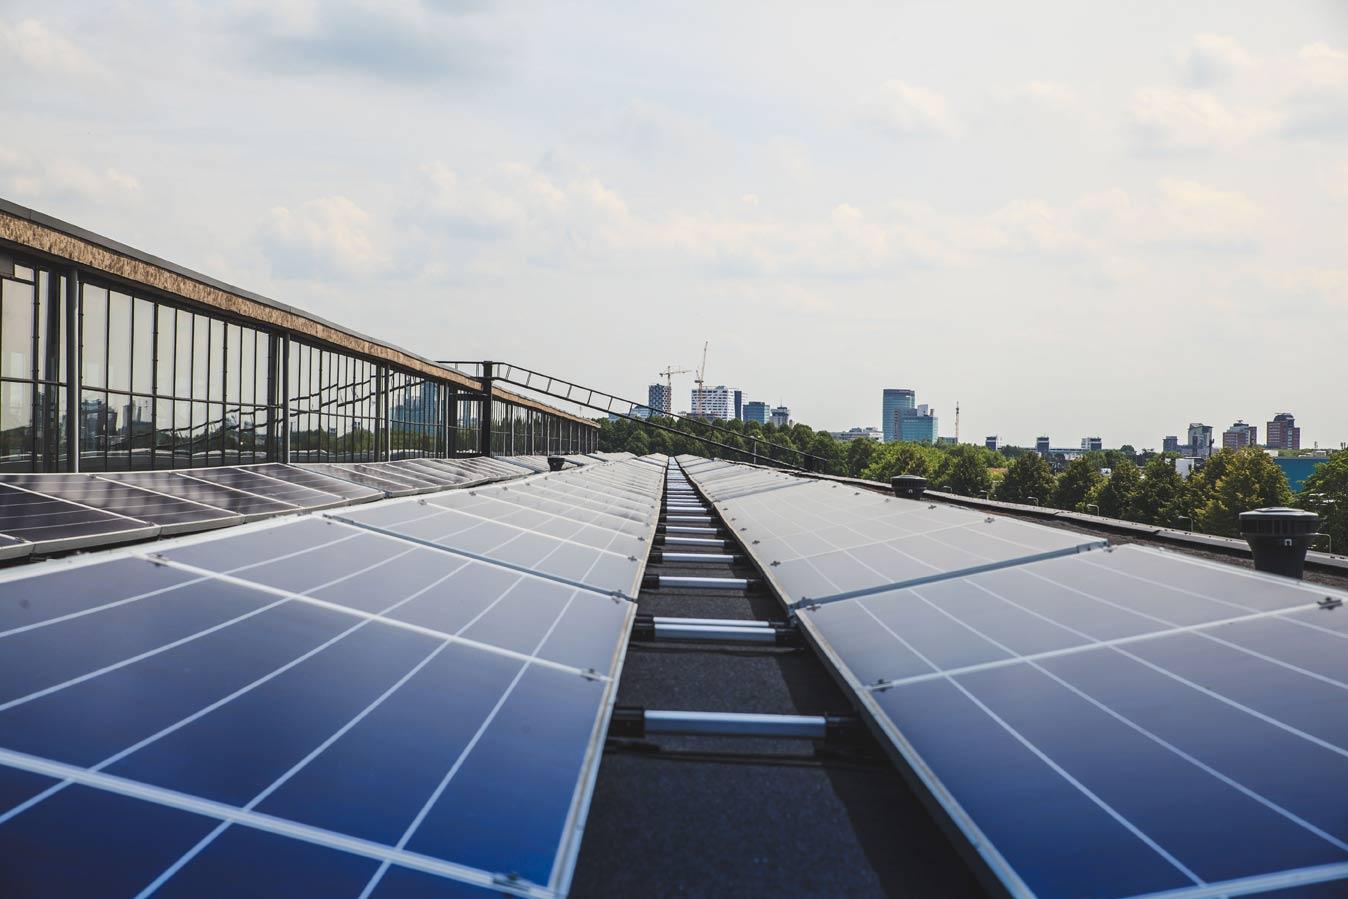 В Гамбурге на крышах государственных зданий установят солнечные панели